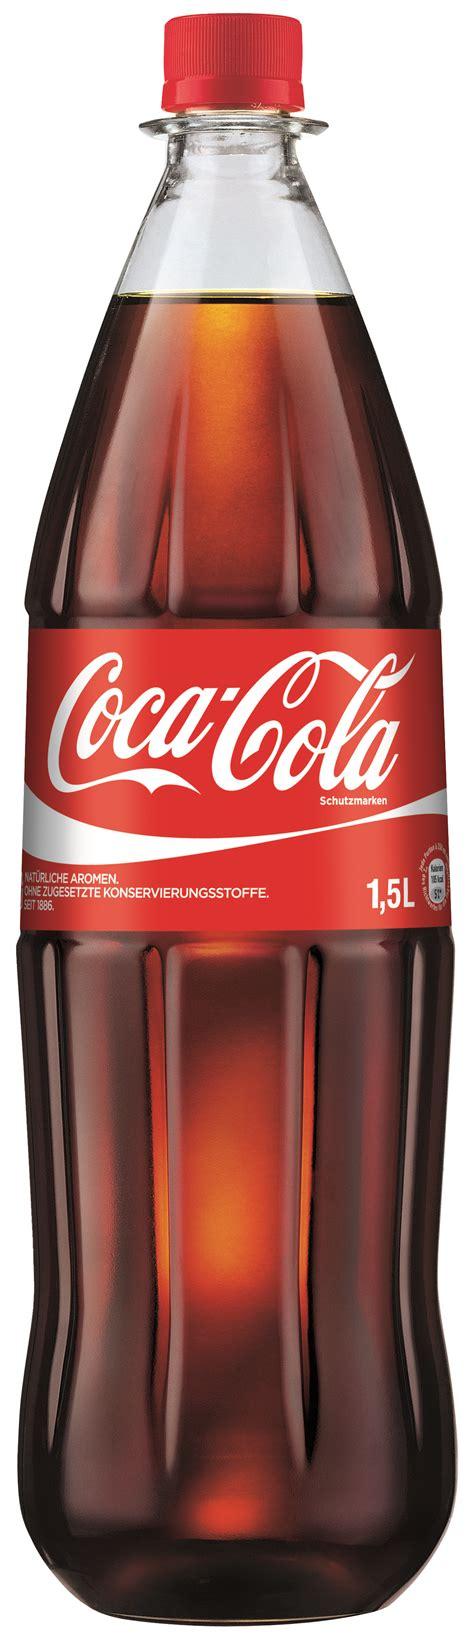 Coca Cola 1 5 Liter coca cola 1 5 liter coca cola erfrischungsgetr 228 nke ag